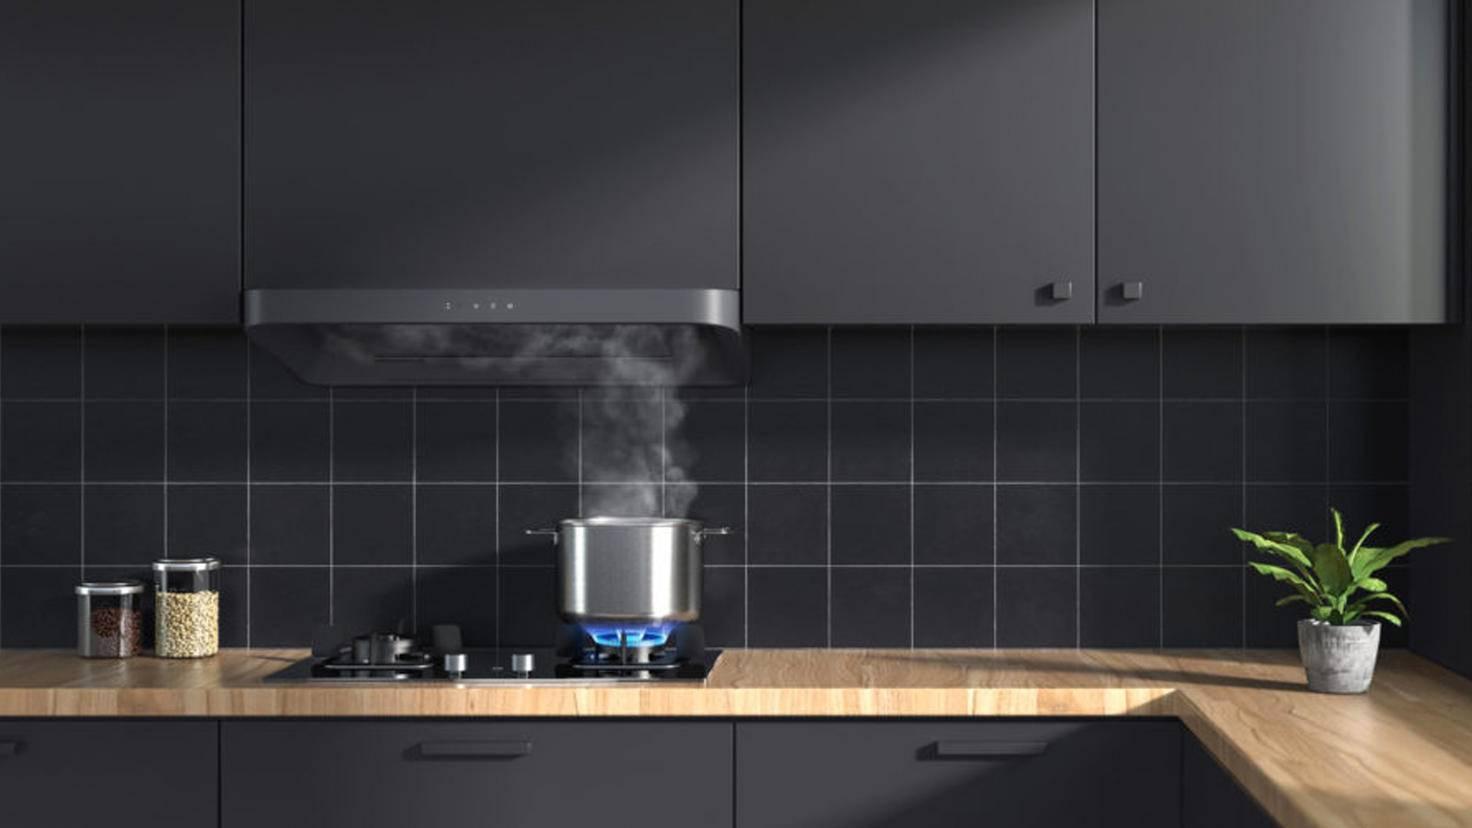 Mi Smart Kitchen Exhaust Hood and Stove Top Set Cooker Hood Xiaomi